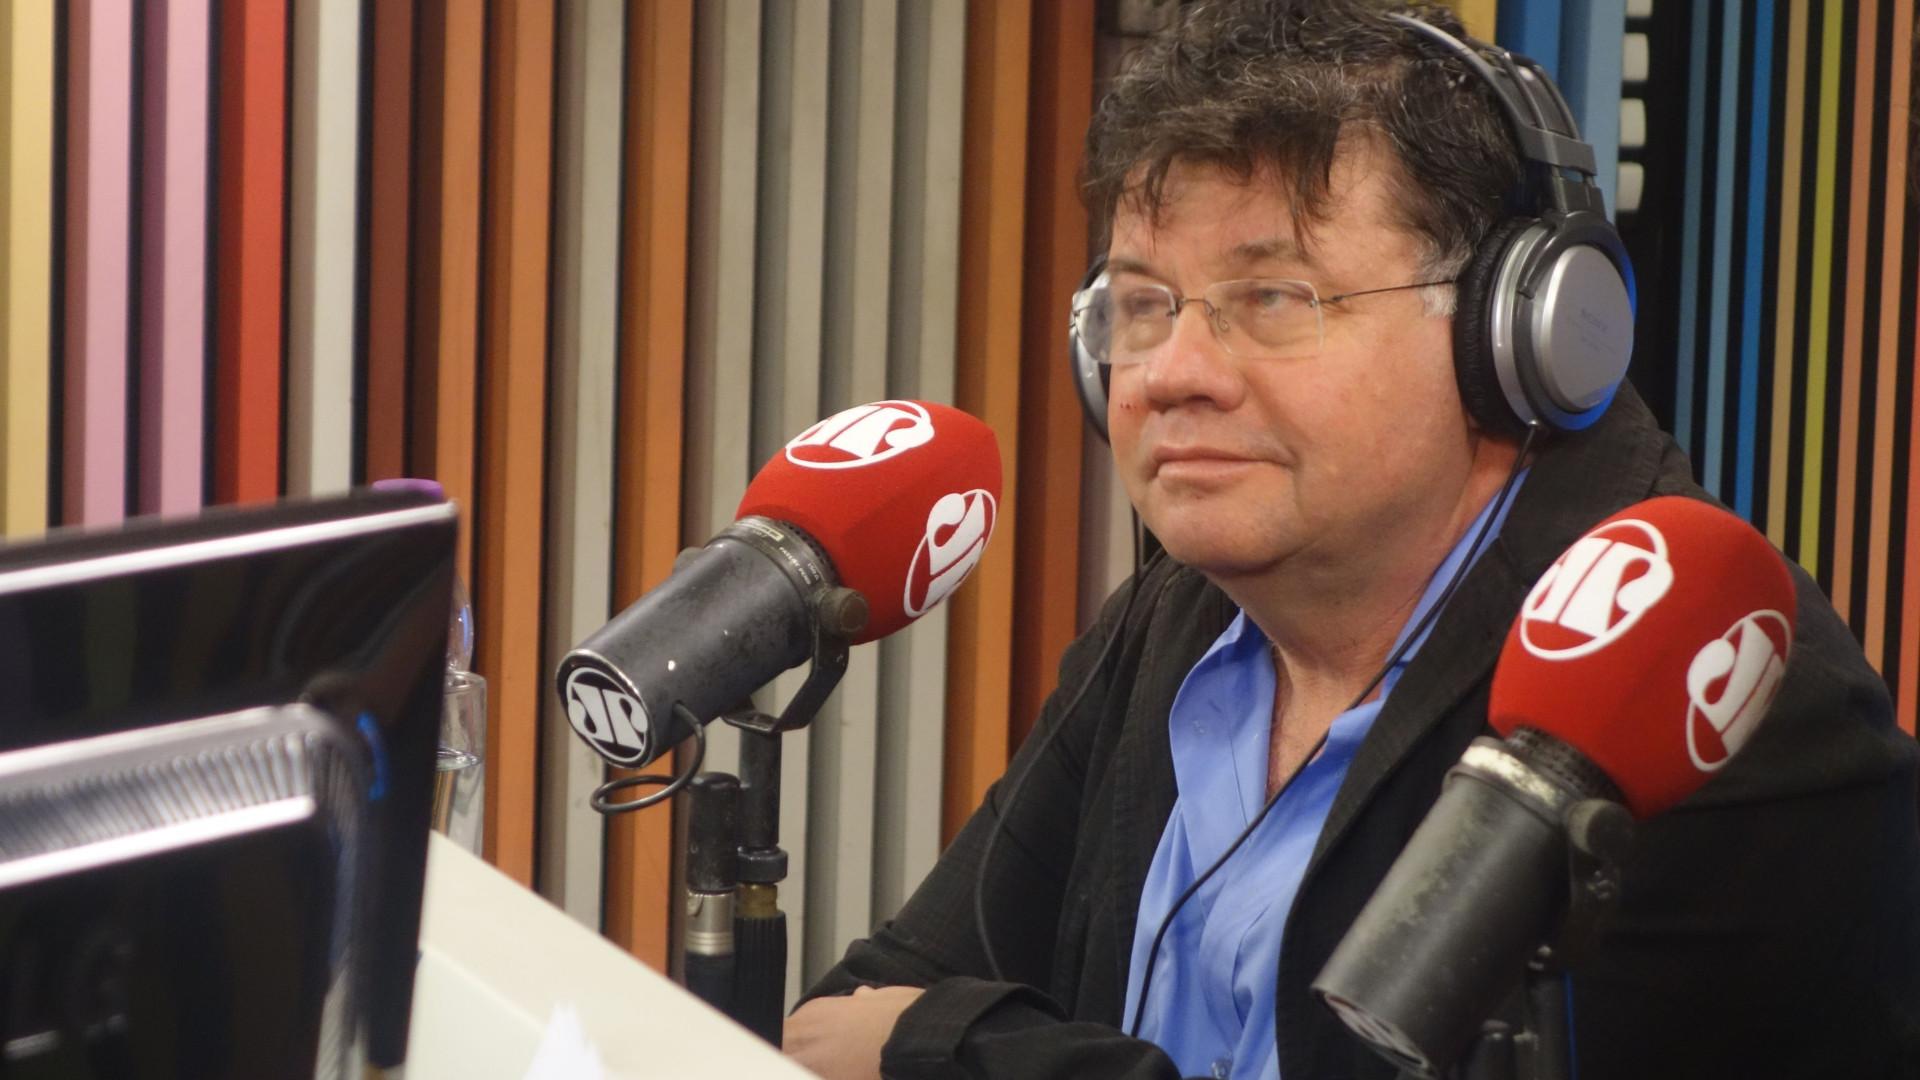 'Bolsonaristas são mocorongos com visão rudimentar', diz humorista